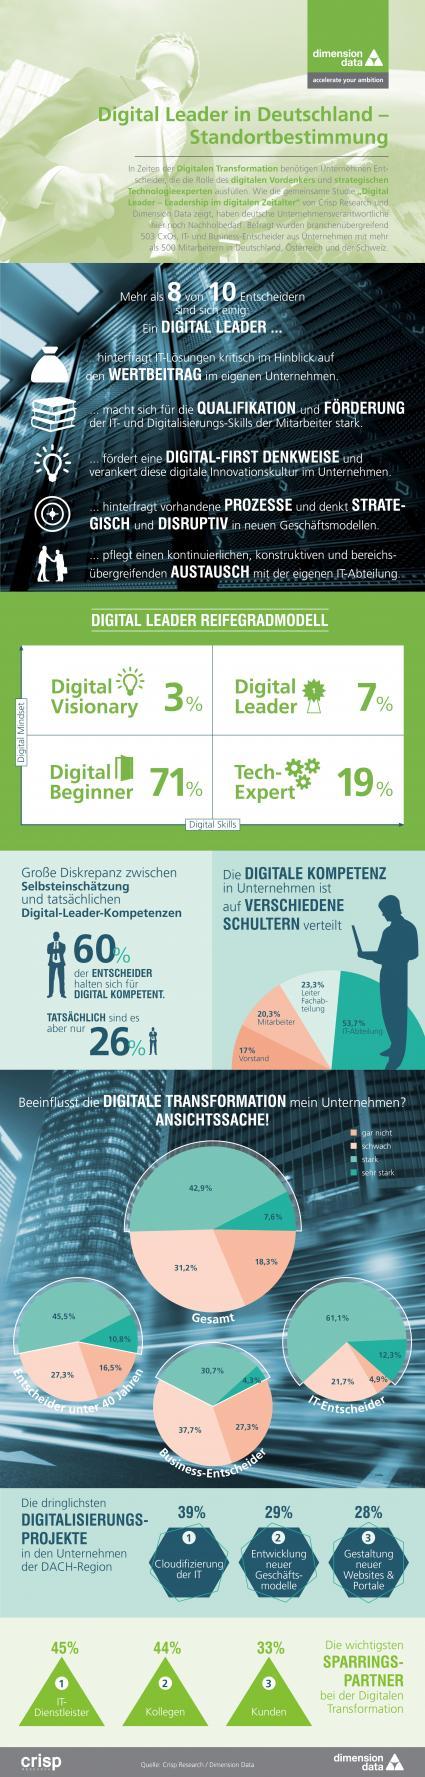 Digital-Leader-braucht-das-Land-Nur-jede-zwoelfte-Fuehrungskraft-der-deutschen-Wirtschaft-wird-den-Anforderungen-der-Digitalisierung-gerecht